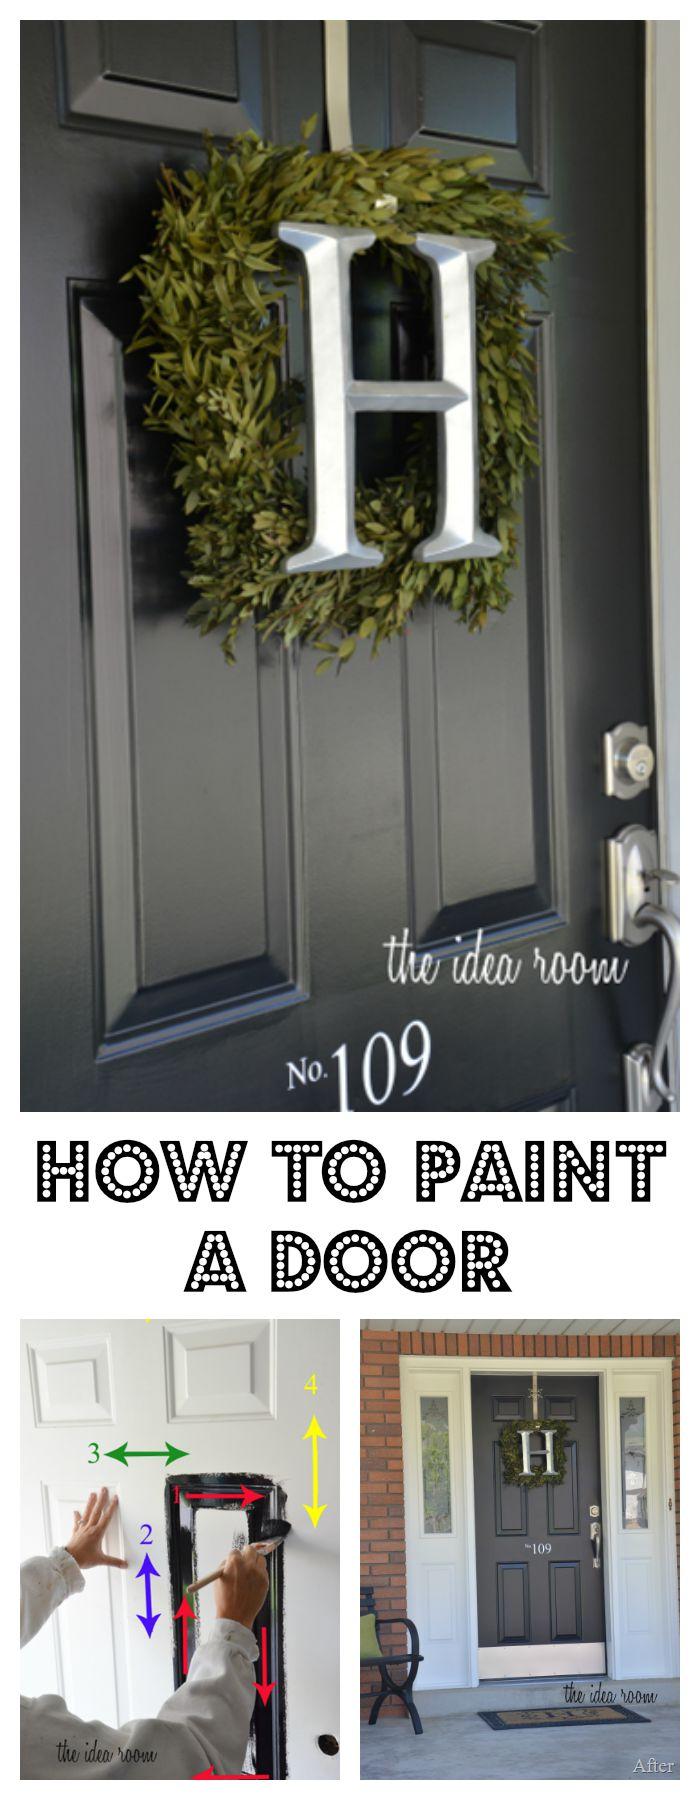 How-to-paint-a-Door-DIY-Home-Ideas